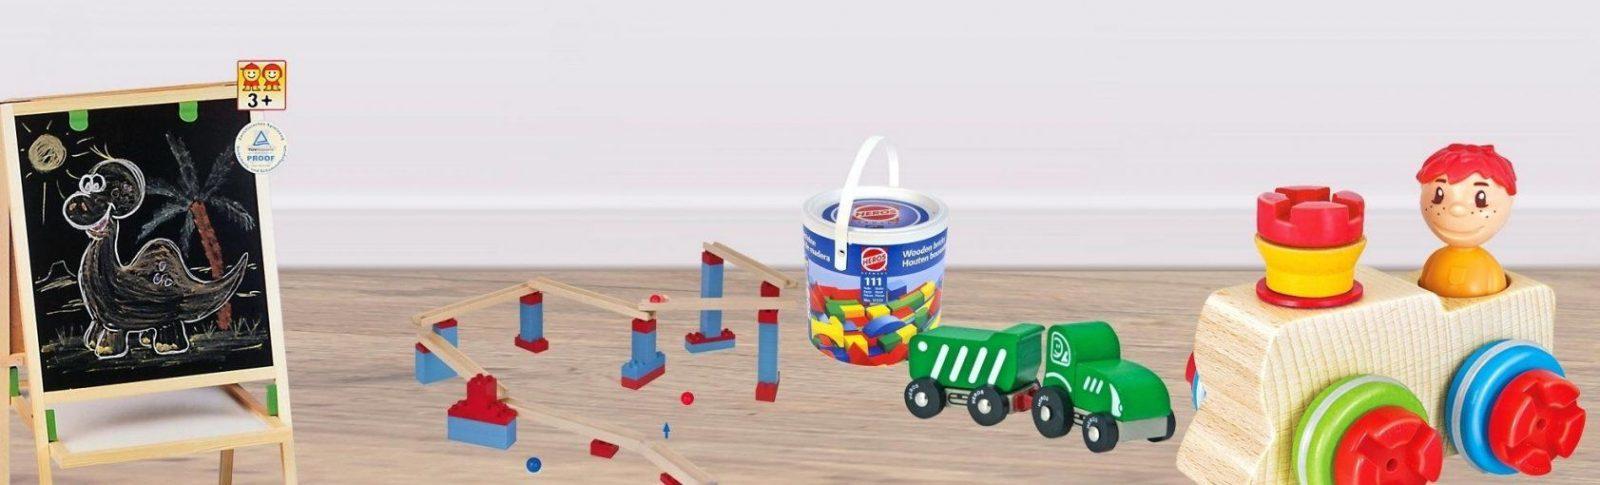 Spielwaren Online Heros Spielzeug Holzspielzeug Spielwaren Online von Spielzeug Auf Rechnung Bestellen Als Neukunde Photo